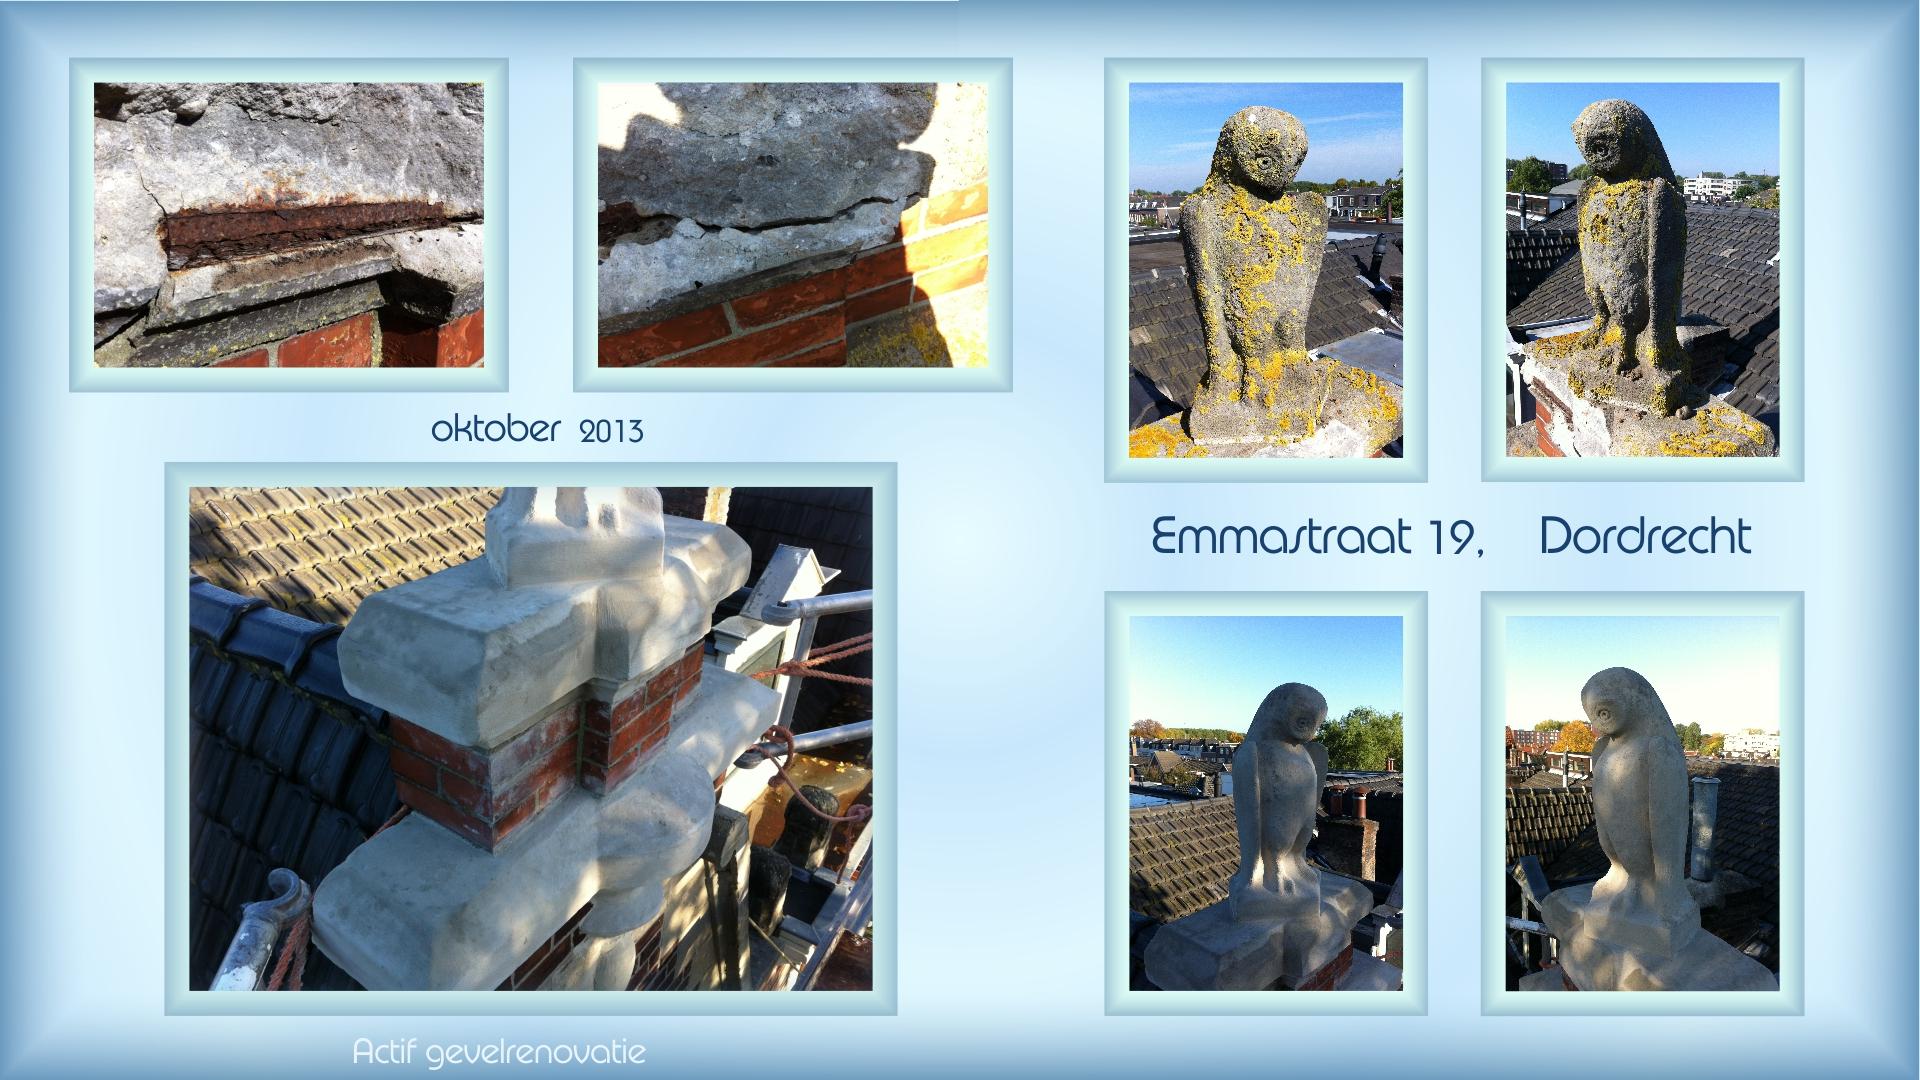 Emmastraat Dordrecht